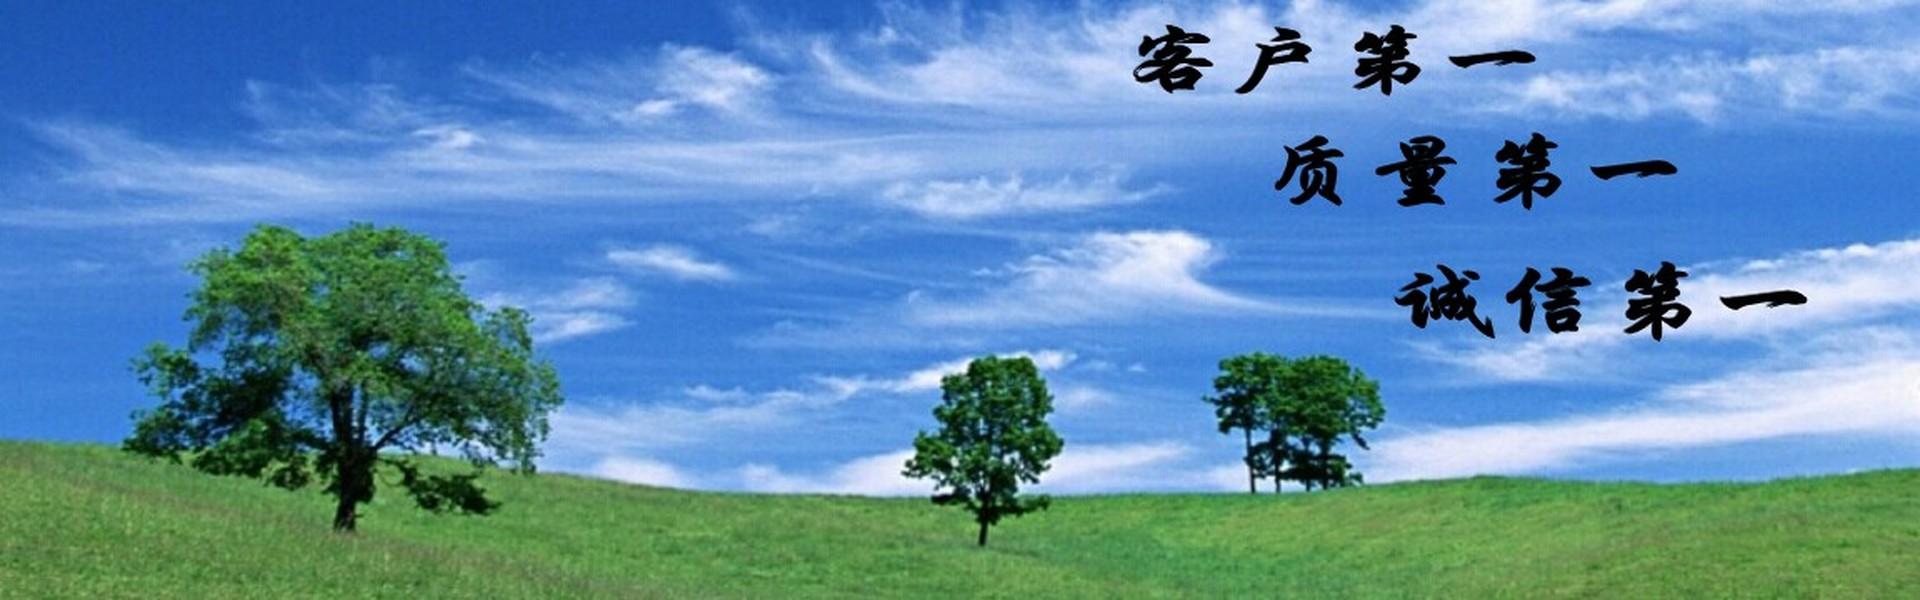 安徽京翼建筑工程檢測有限公司網站首頁大圖之二